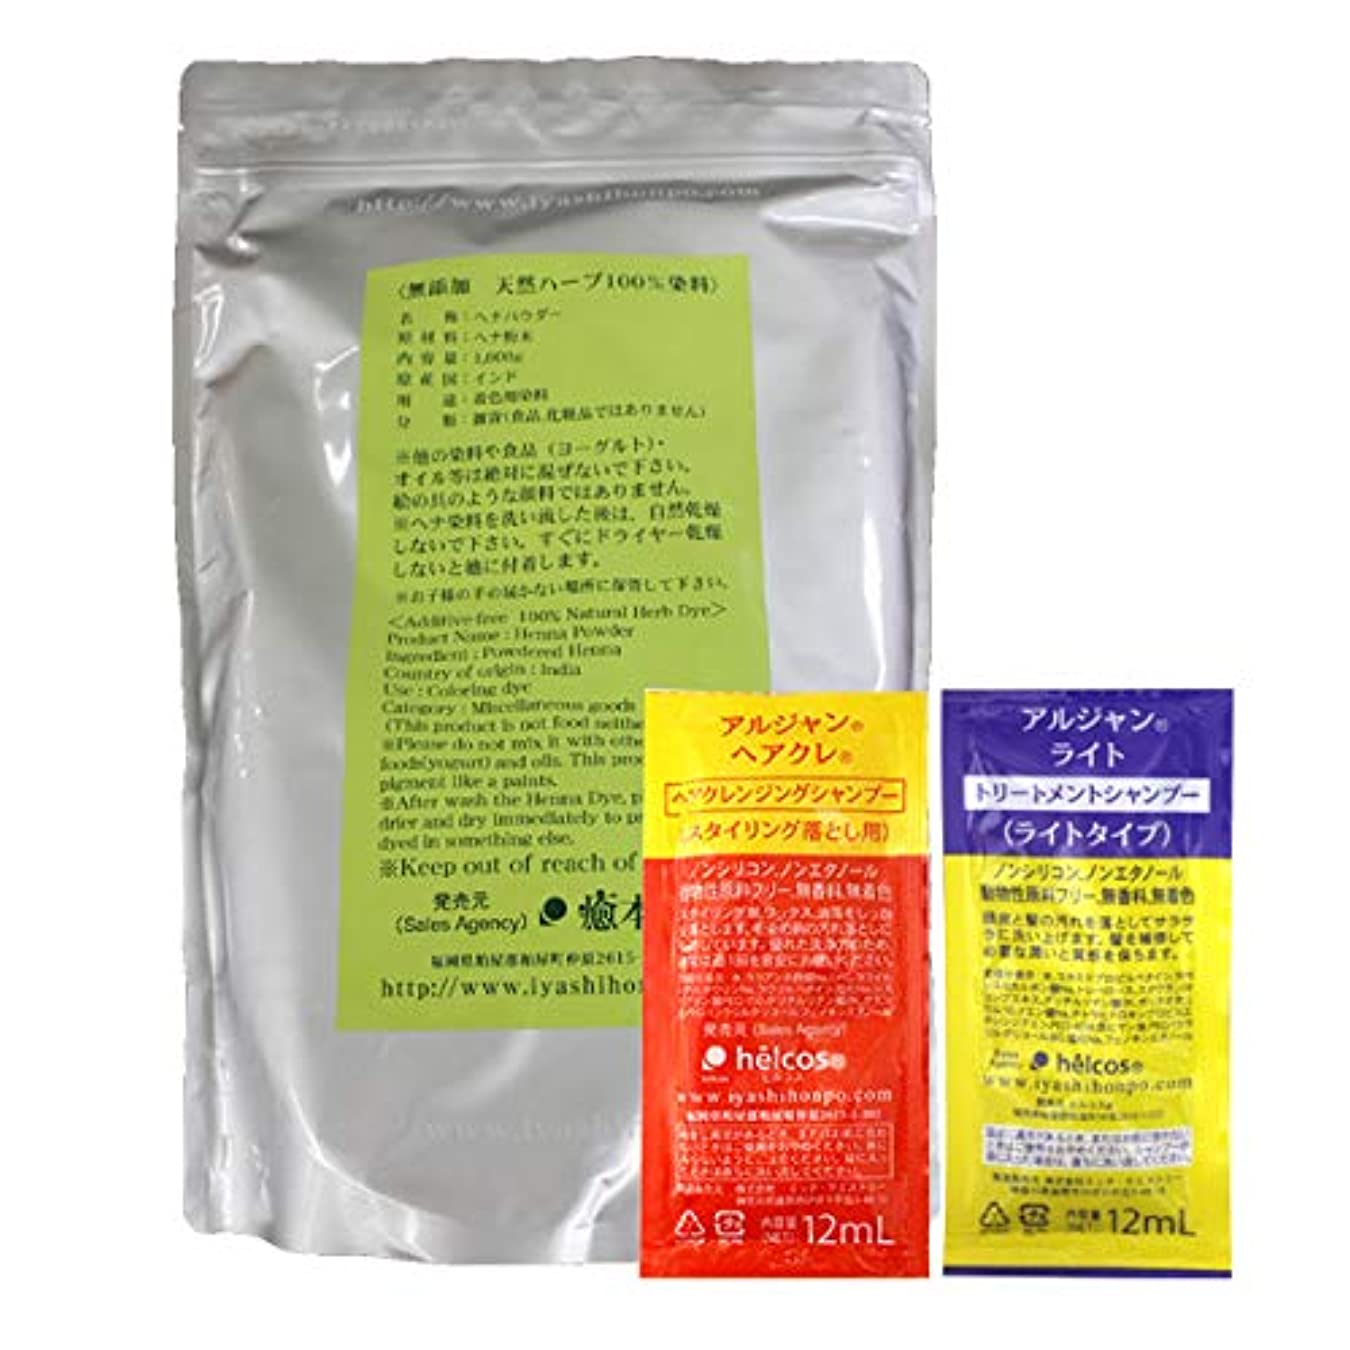 割り当てる露組み立てる白髪染め ヘナ(天然染料100%) 1,000g + シャンプー2種セット 癒本舗(ブラウン)